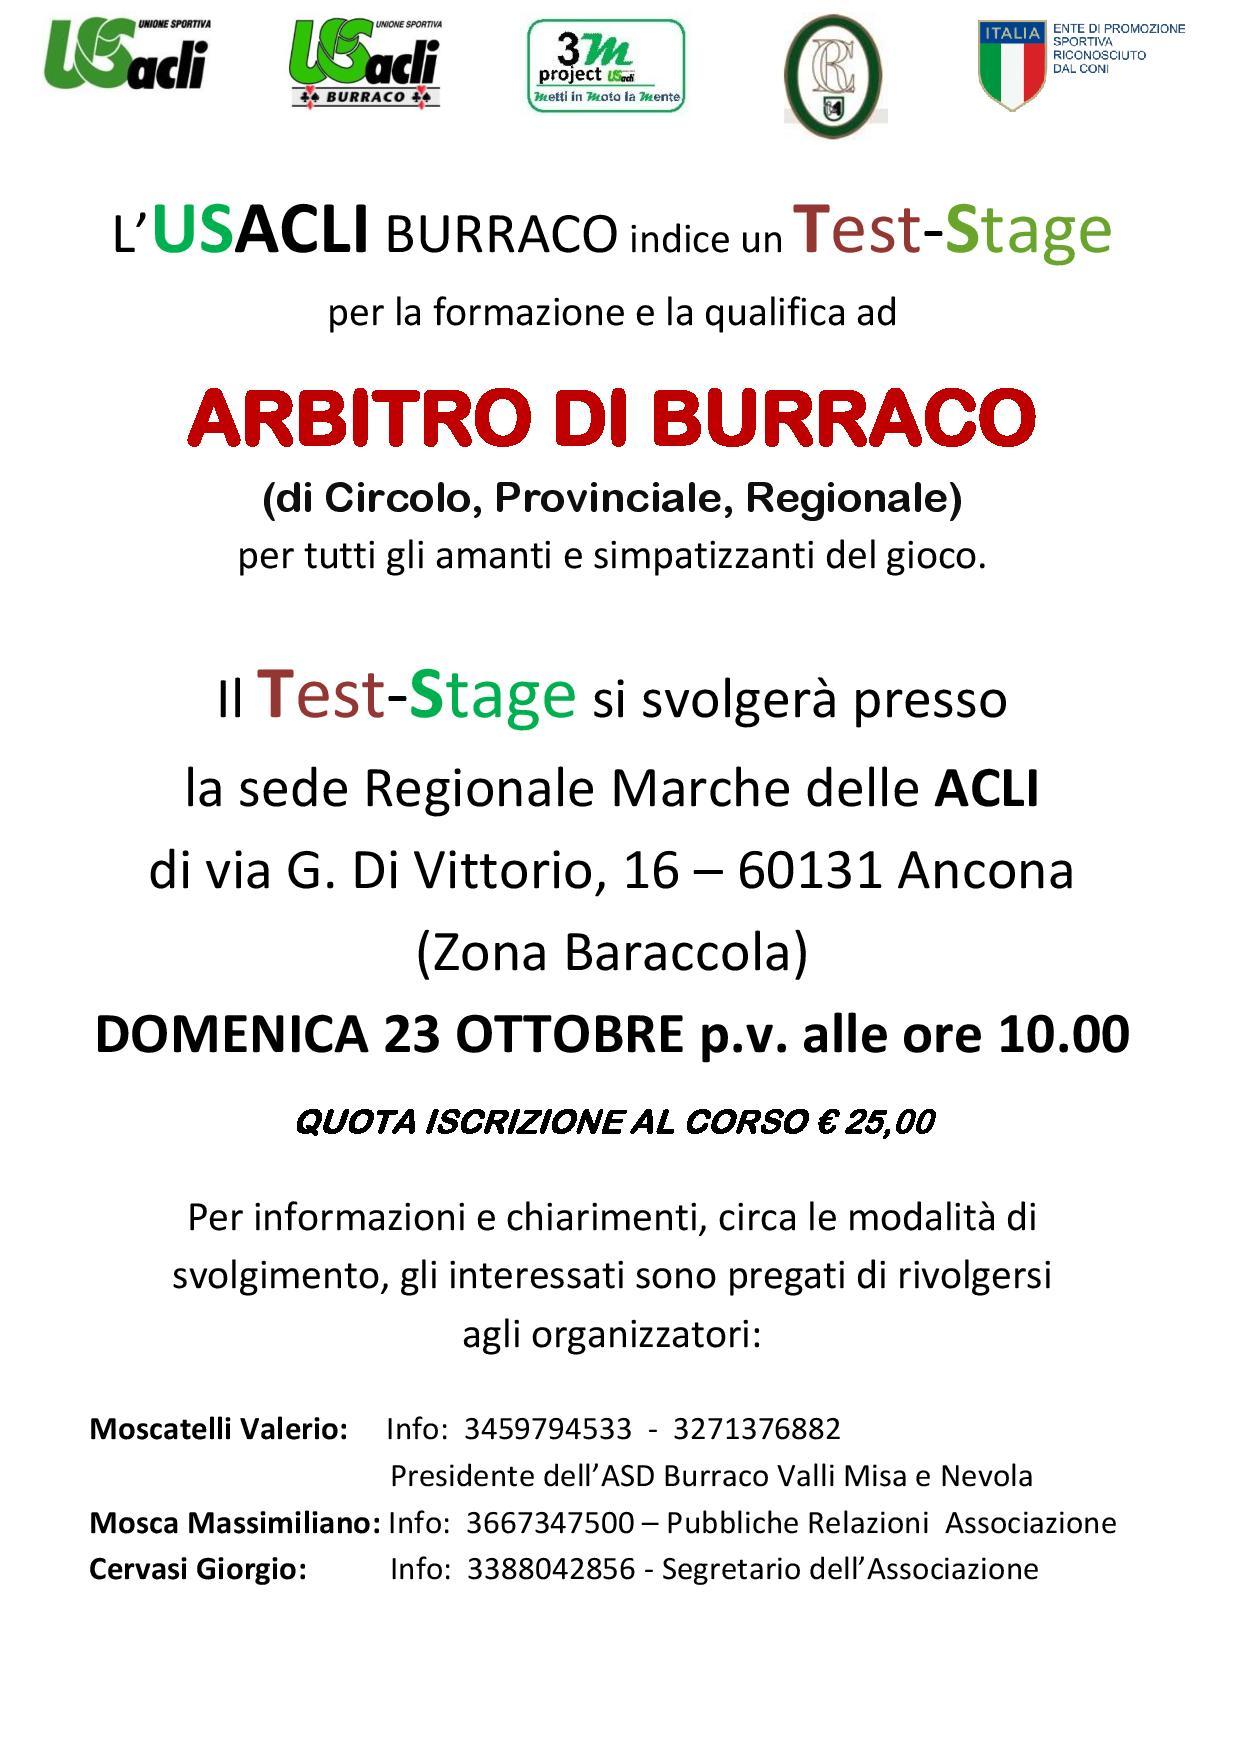 locandina_per_test-stage_qualifica_arbitri_del_23-10-2016-page-001